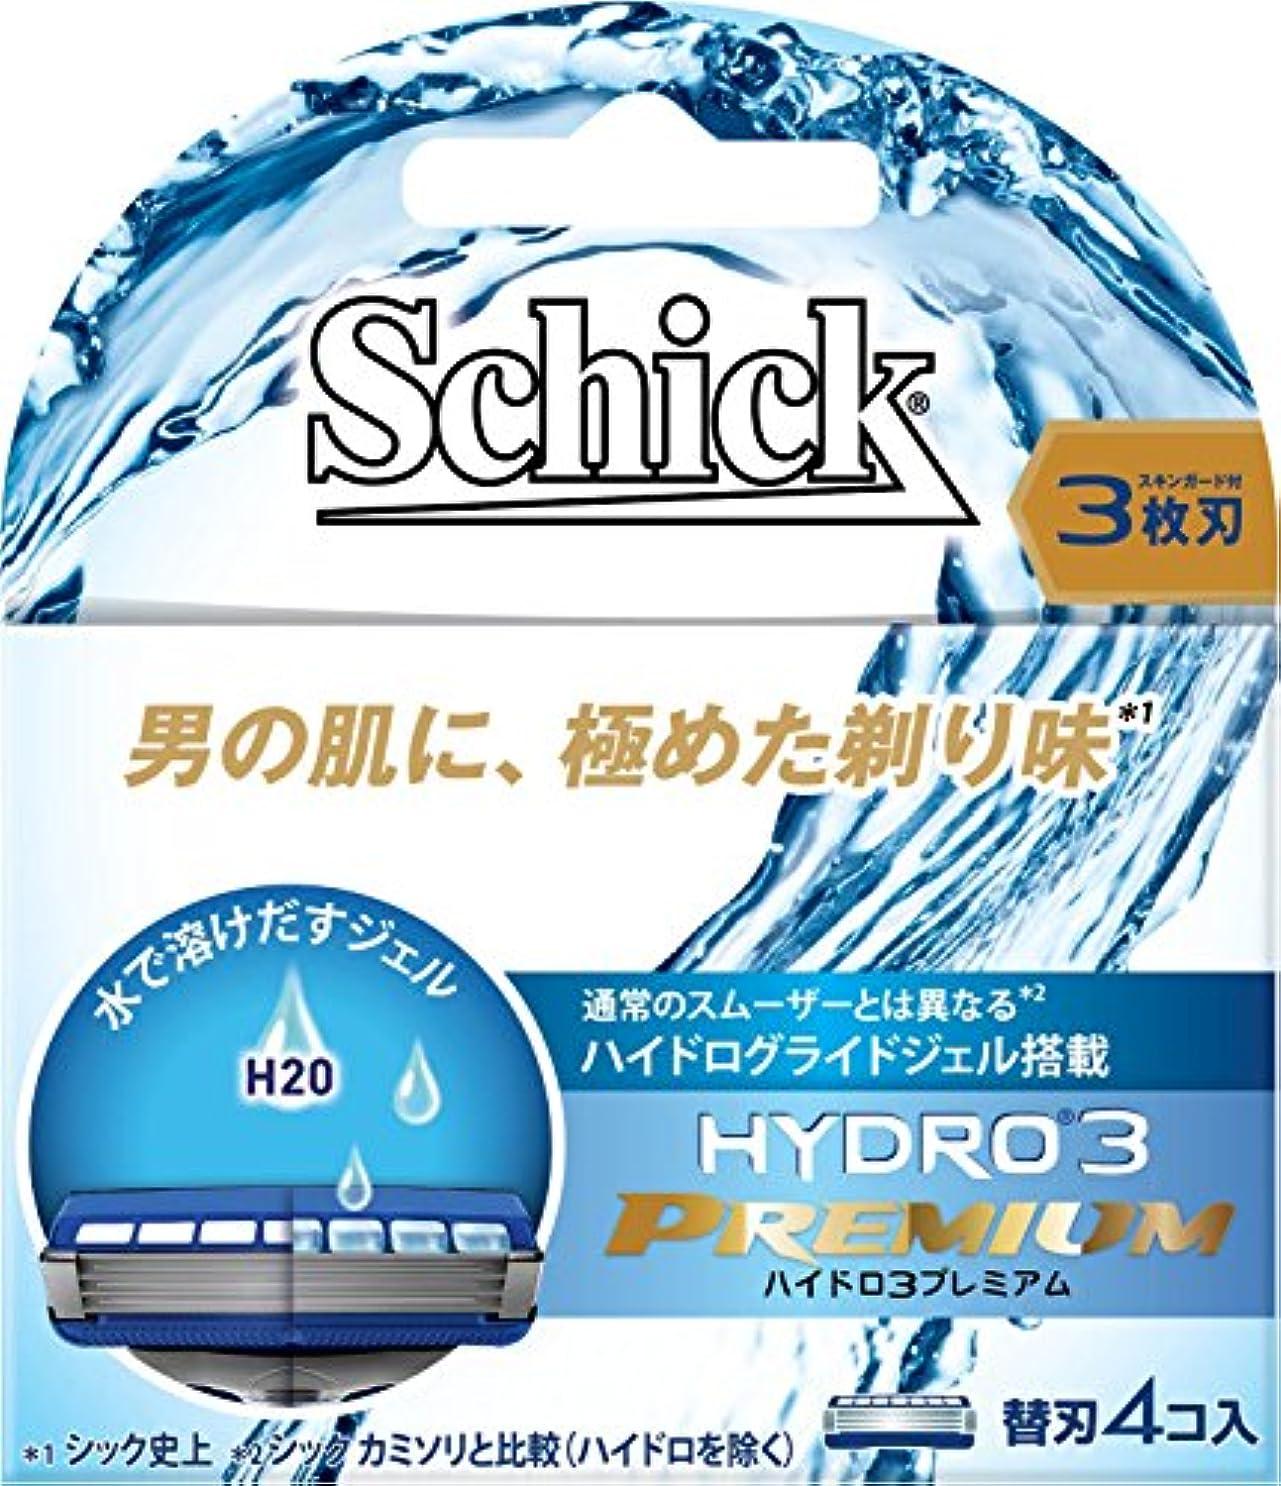 管理抑止する使用法シック Schick 3枚刃 ハイドロ3プレミアム 替刃 (4コ入)